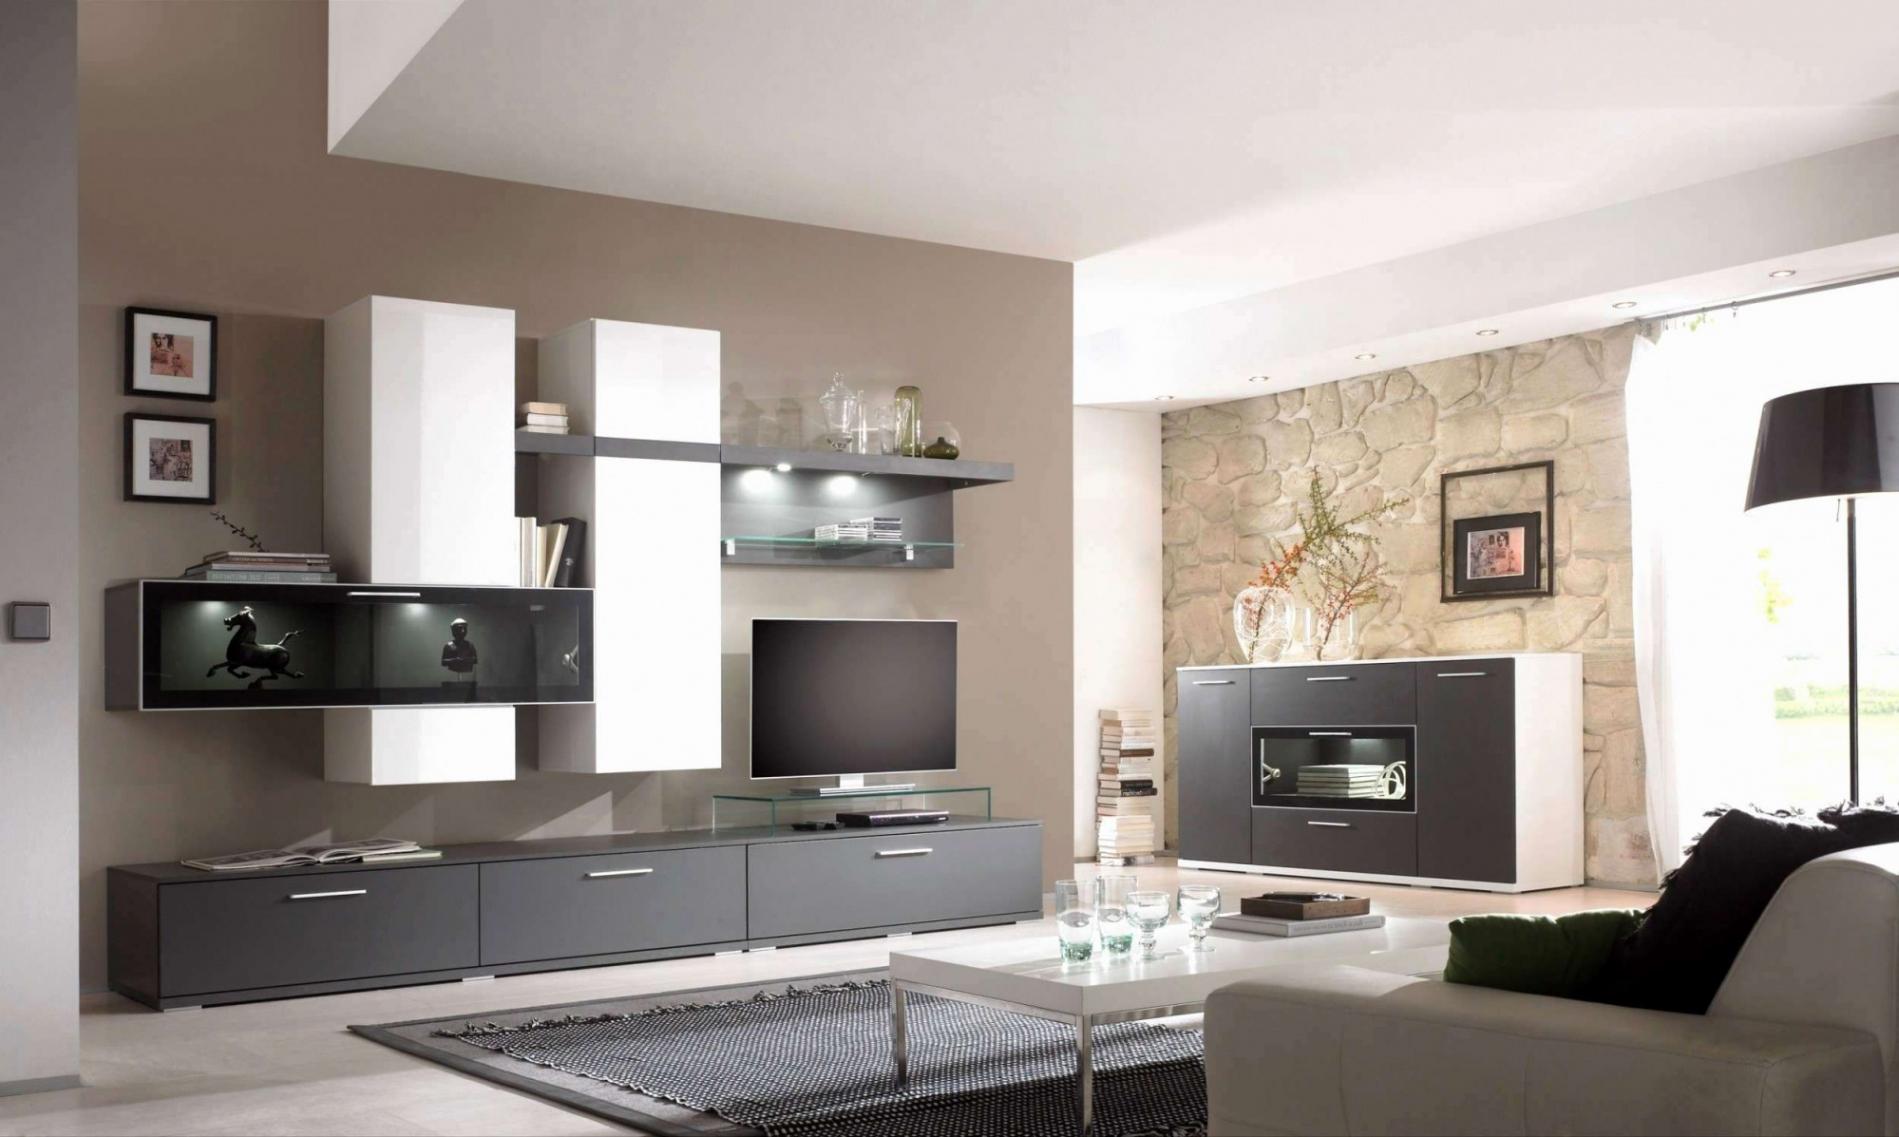 wohnzimmer tv wand ideen moderne wohnzimmer ideen landhaus elegant tote ecke wohnzimmer tote ecke wohnzimmer